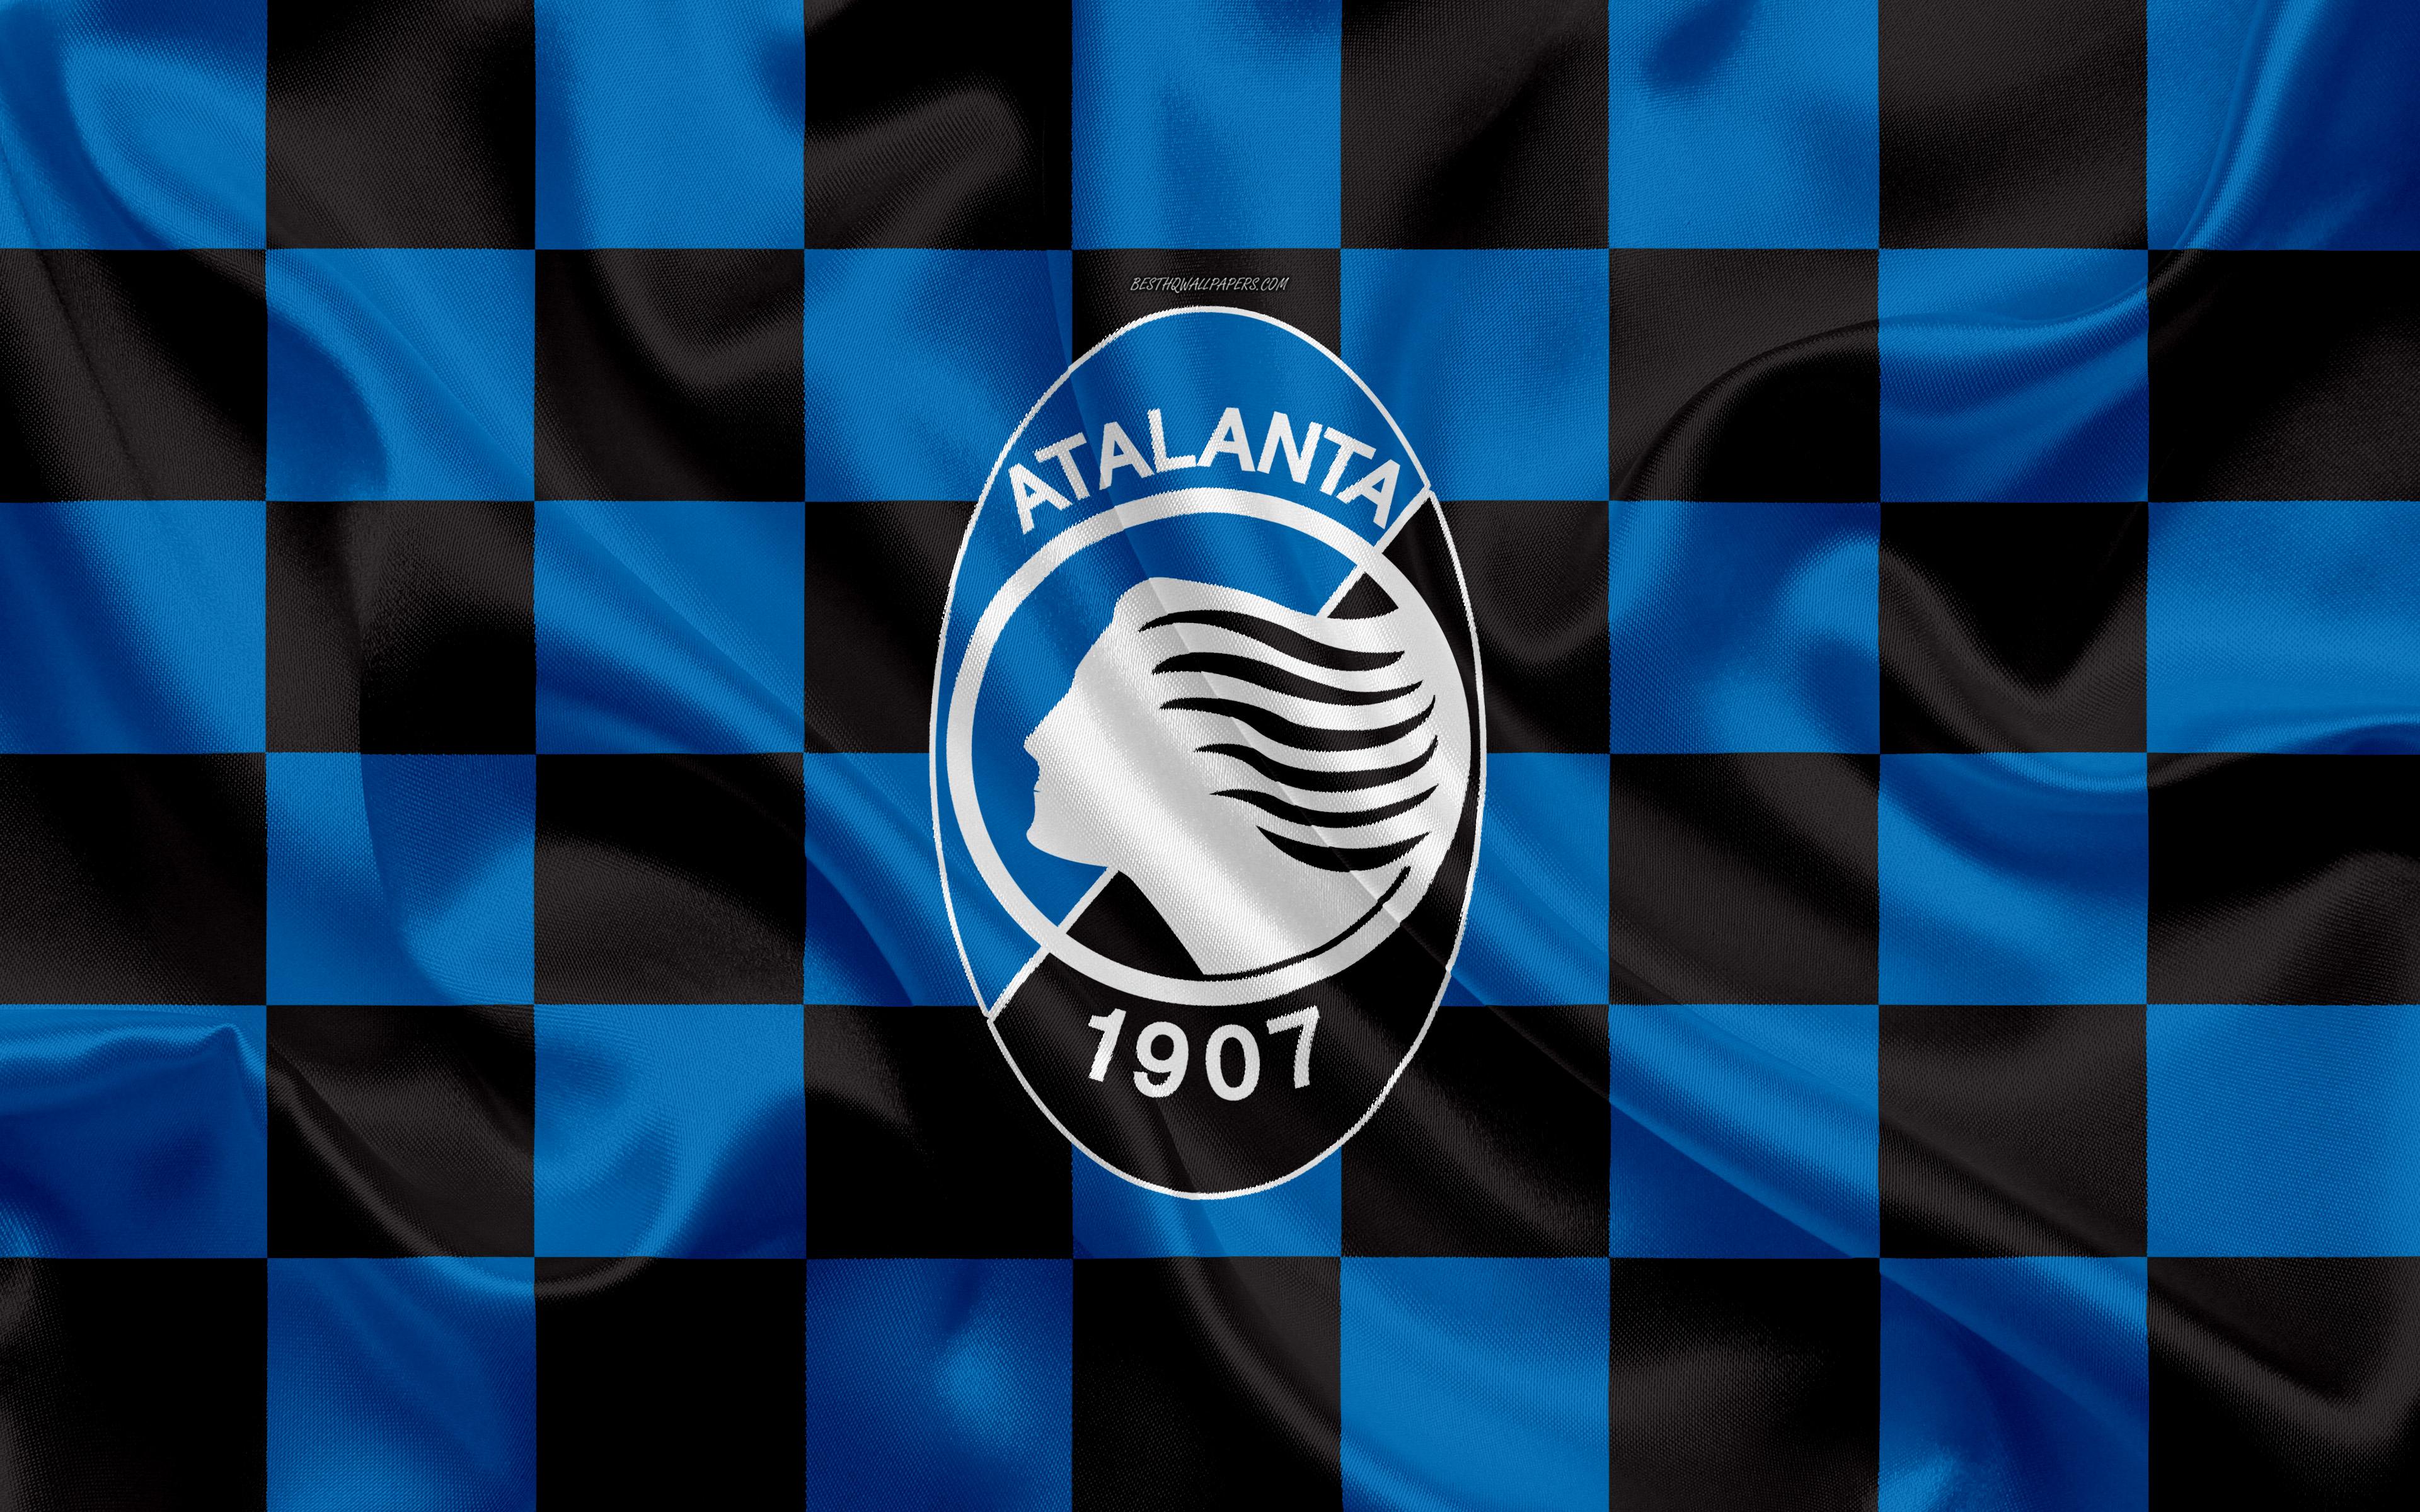 21+ Atalanta B.C. Wallpapers on WallpaperSafari